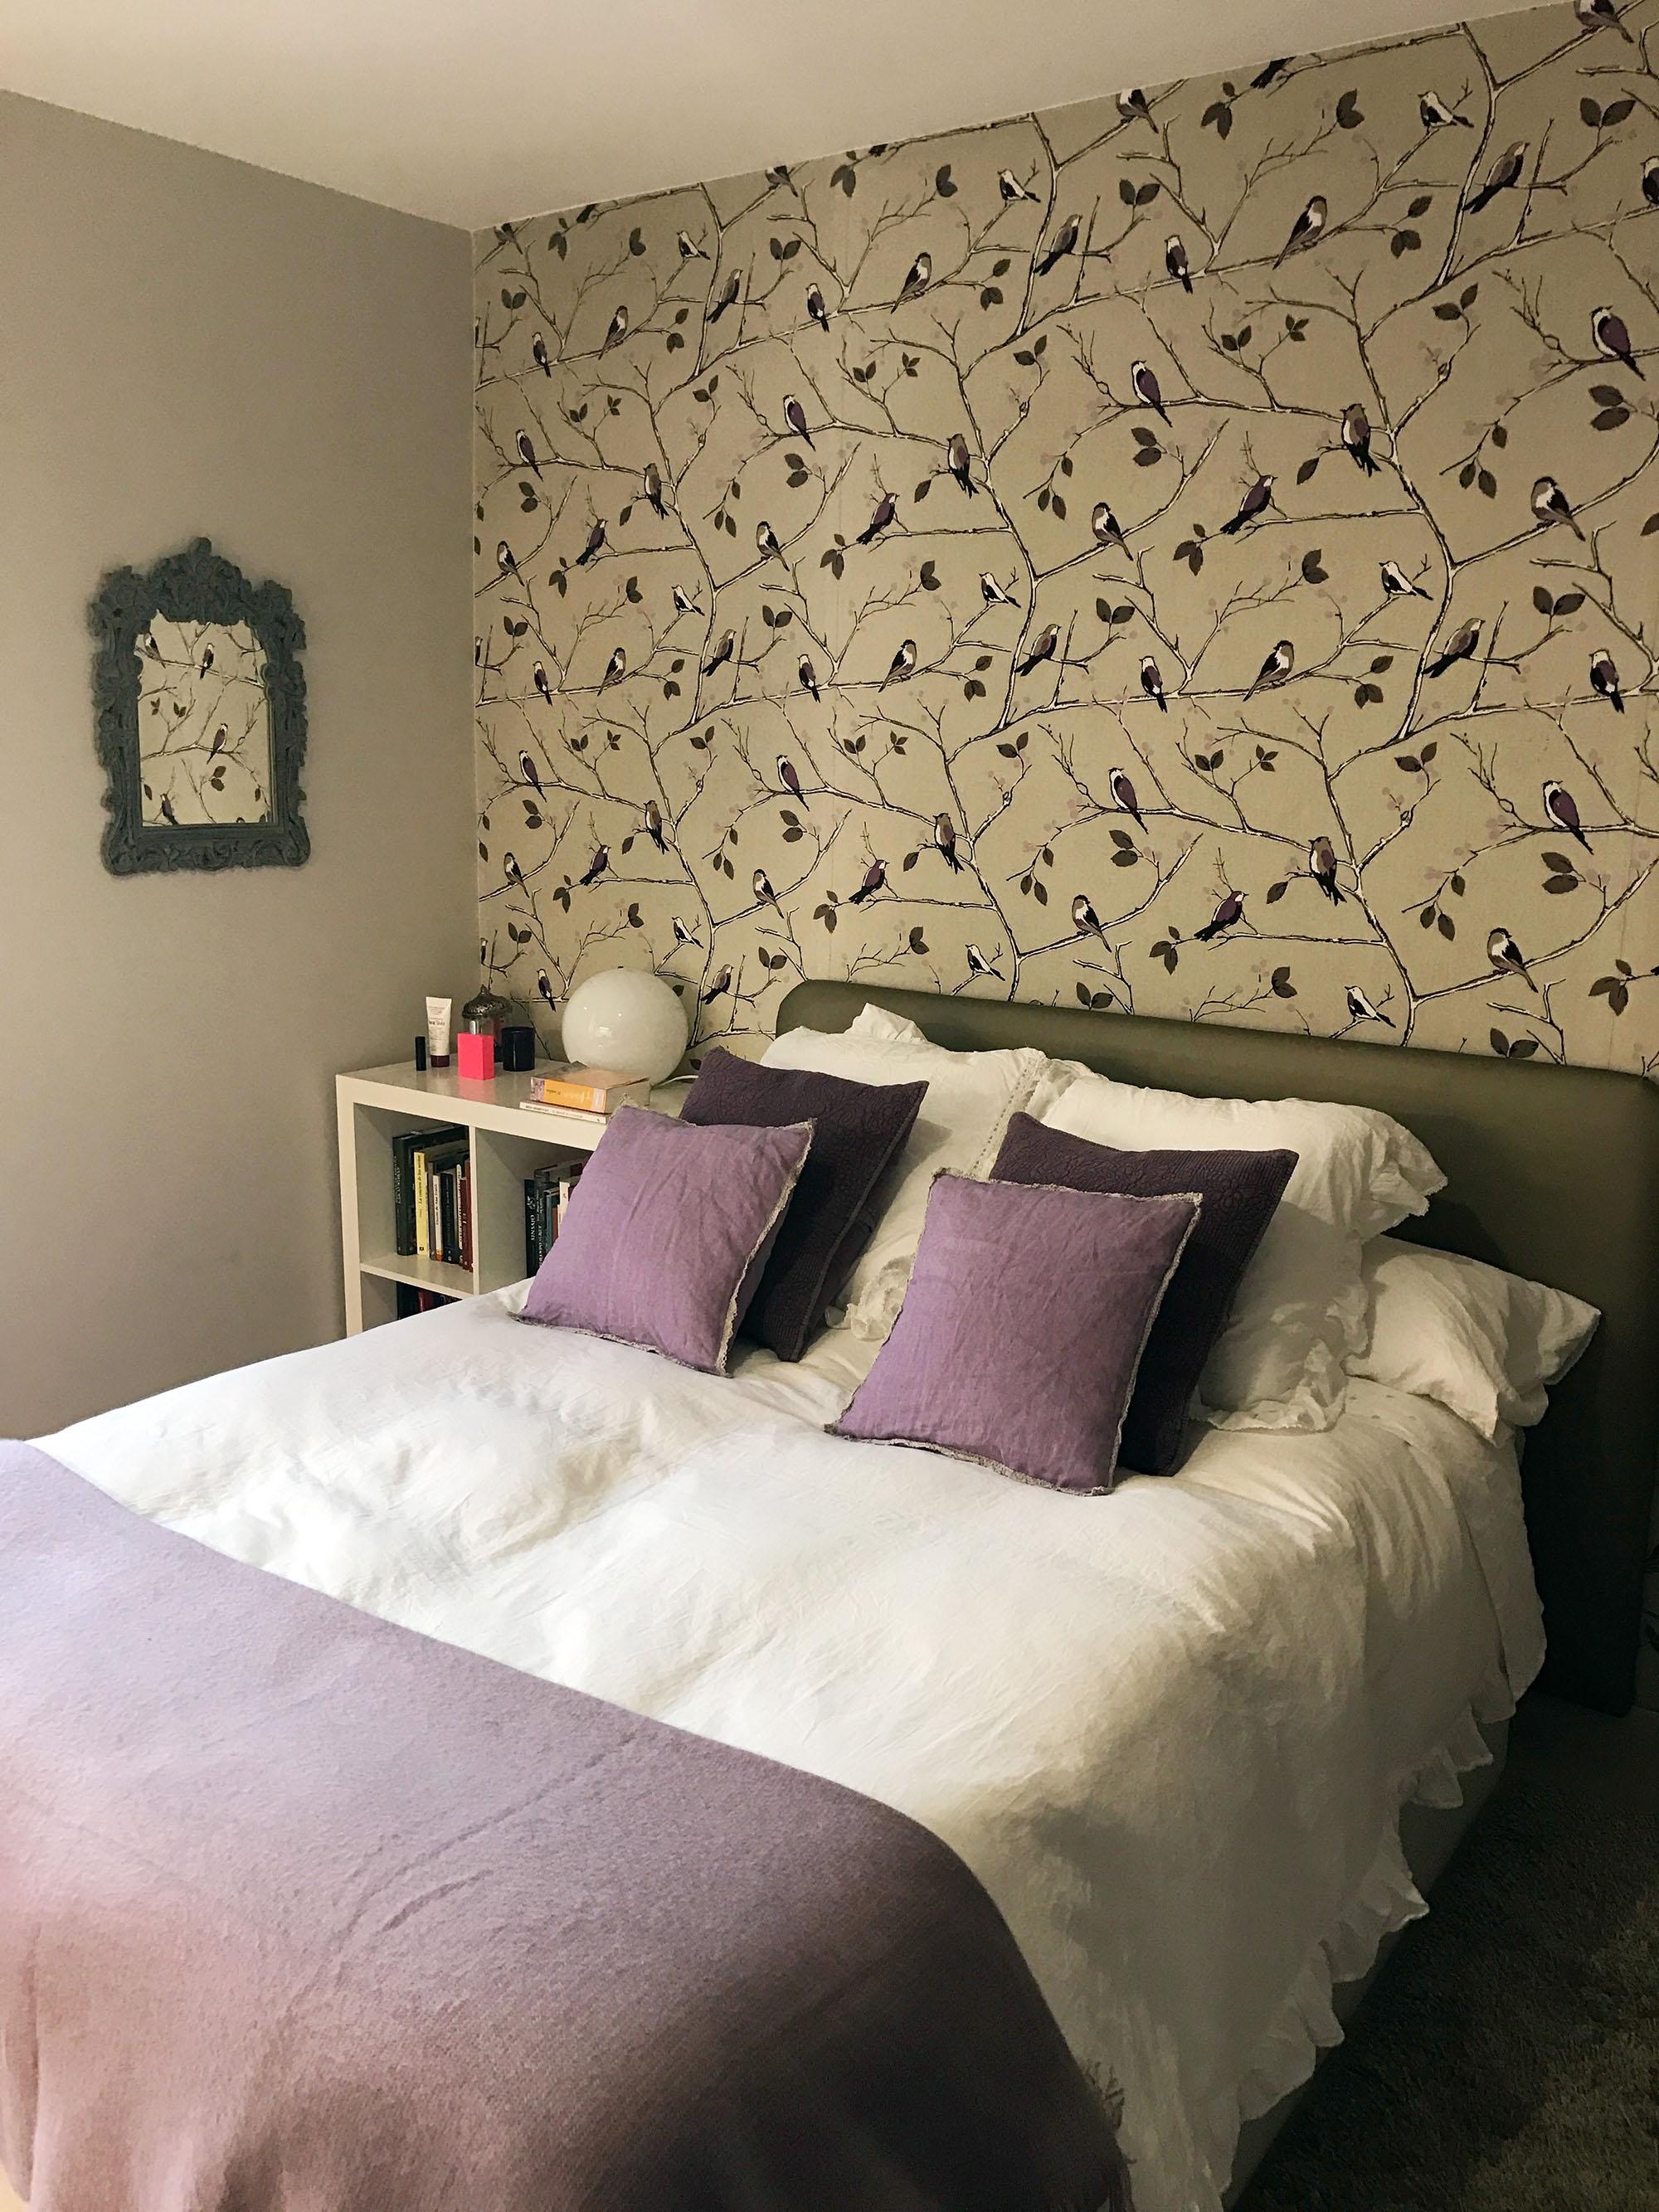 Dormitorio con papel pintado en la pared del cabecero. Interiorismo diseñado por el Estudio de Interiores Libia Bárcenas